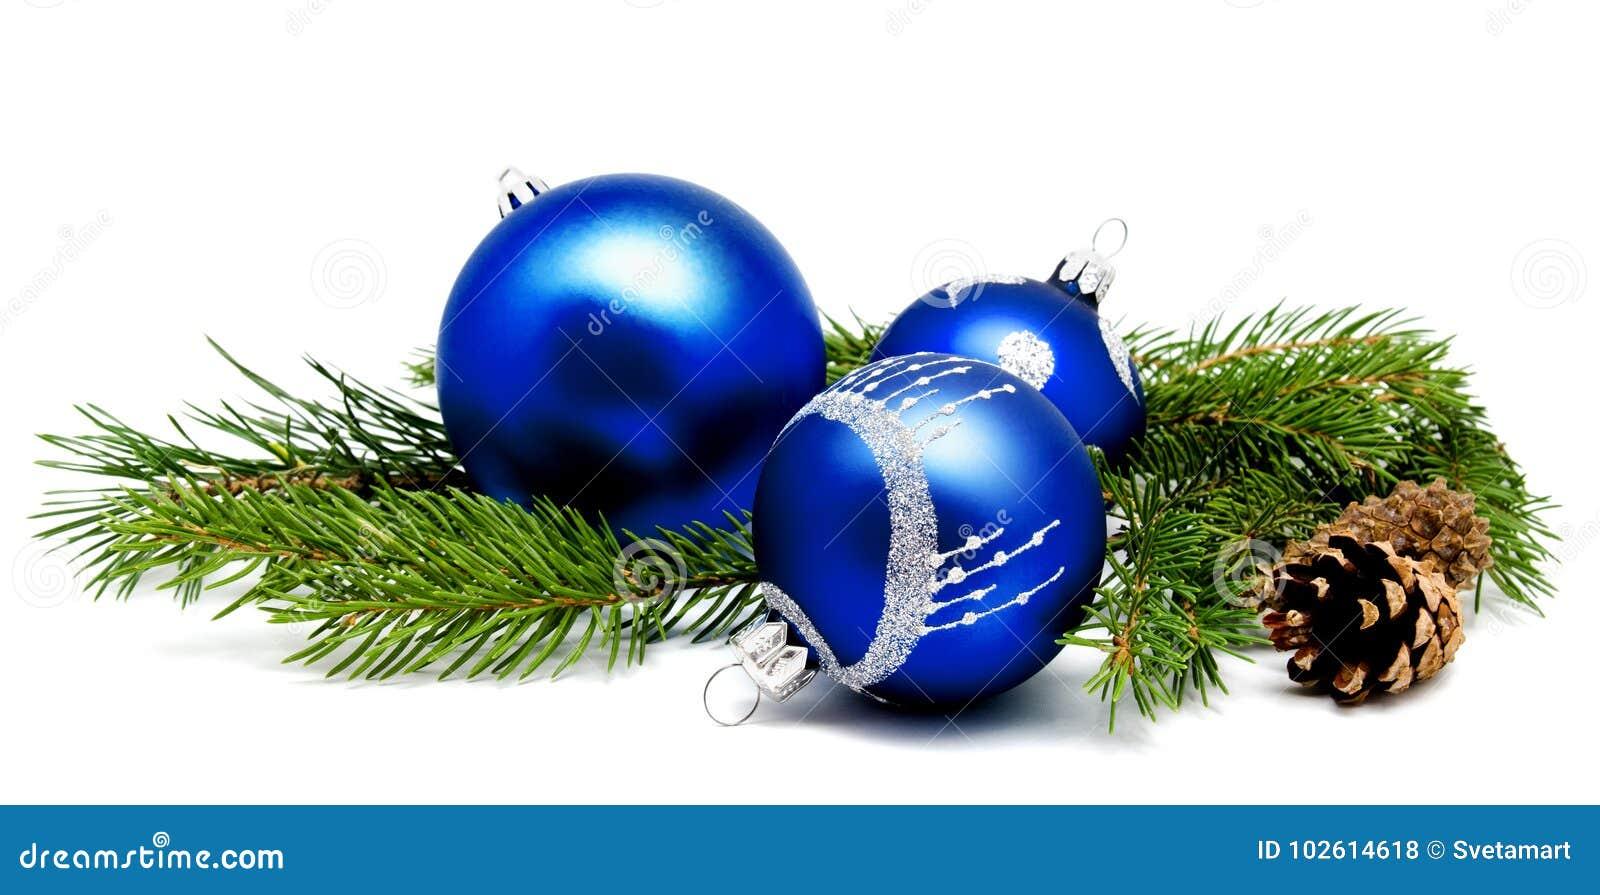 Albero Di Natale Con Decorazioni Blu : Palle blu della decorazione di natale con la crusca dei coni di